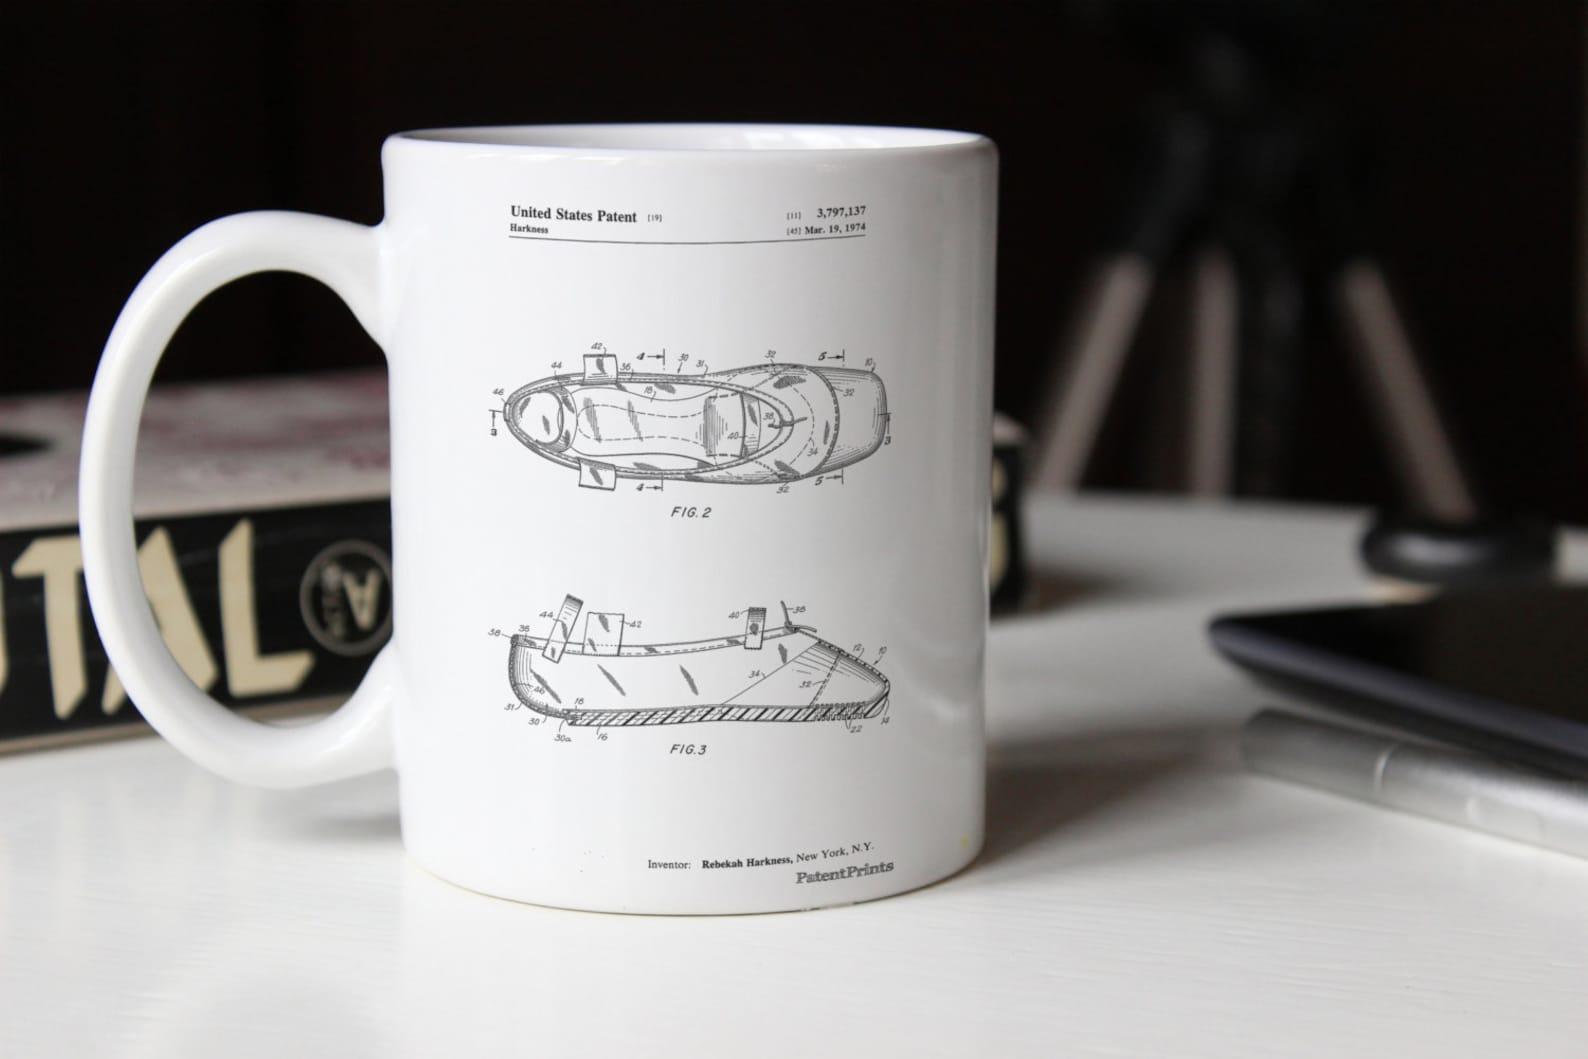 ballet slipper patent mug, ballerina gift, dance studio, ballet shoe, ballerina mugwork, pp0267